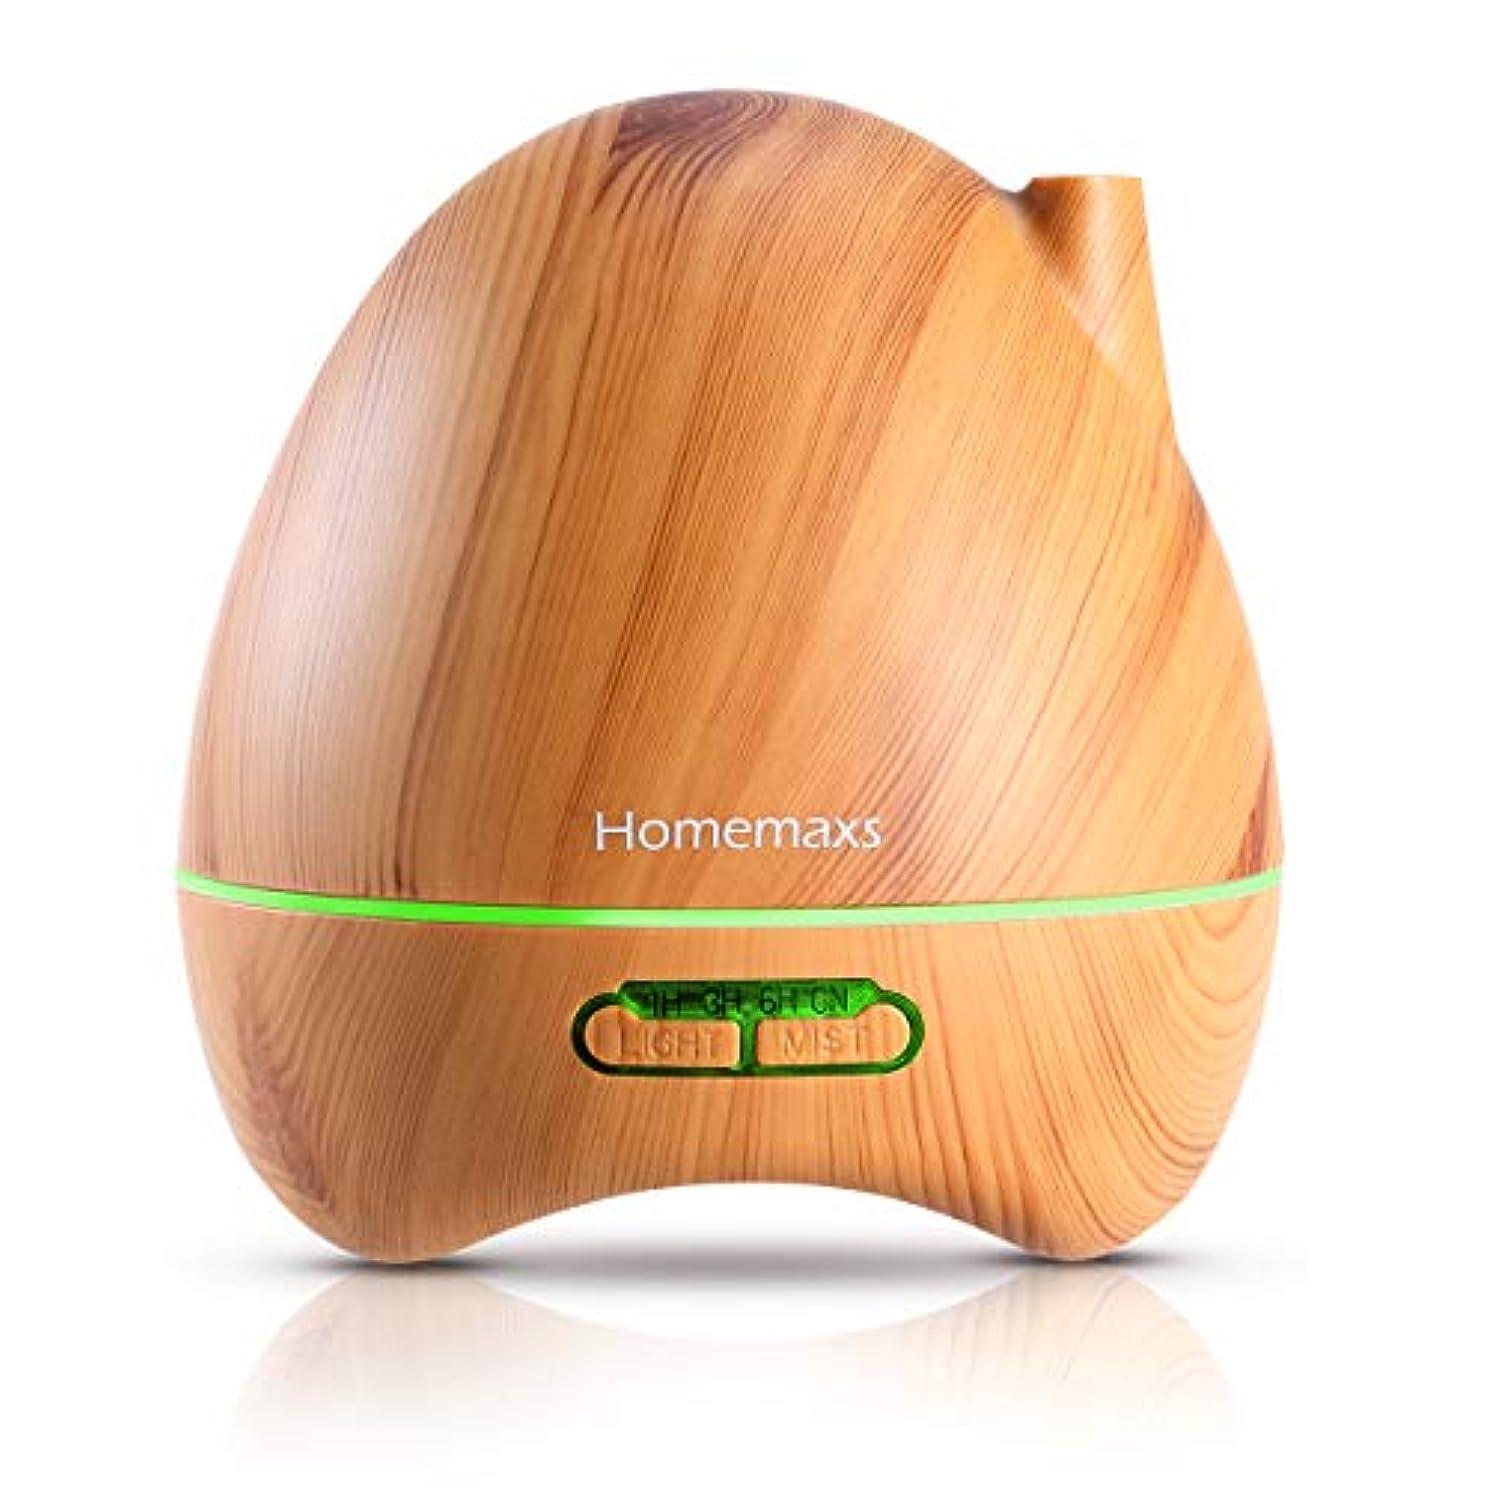 仕立て屋数値時々時々加湿器 アロマディフューザー HOMEMAXS 超音波  卓上加湿器 時間設定 空焚き防止 7色LEDライト 300ml 木目調